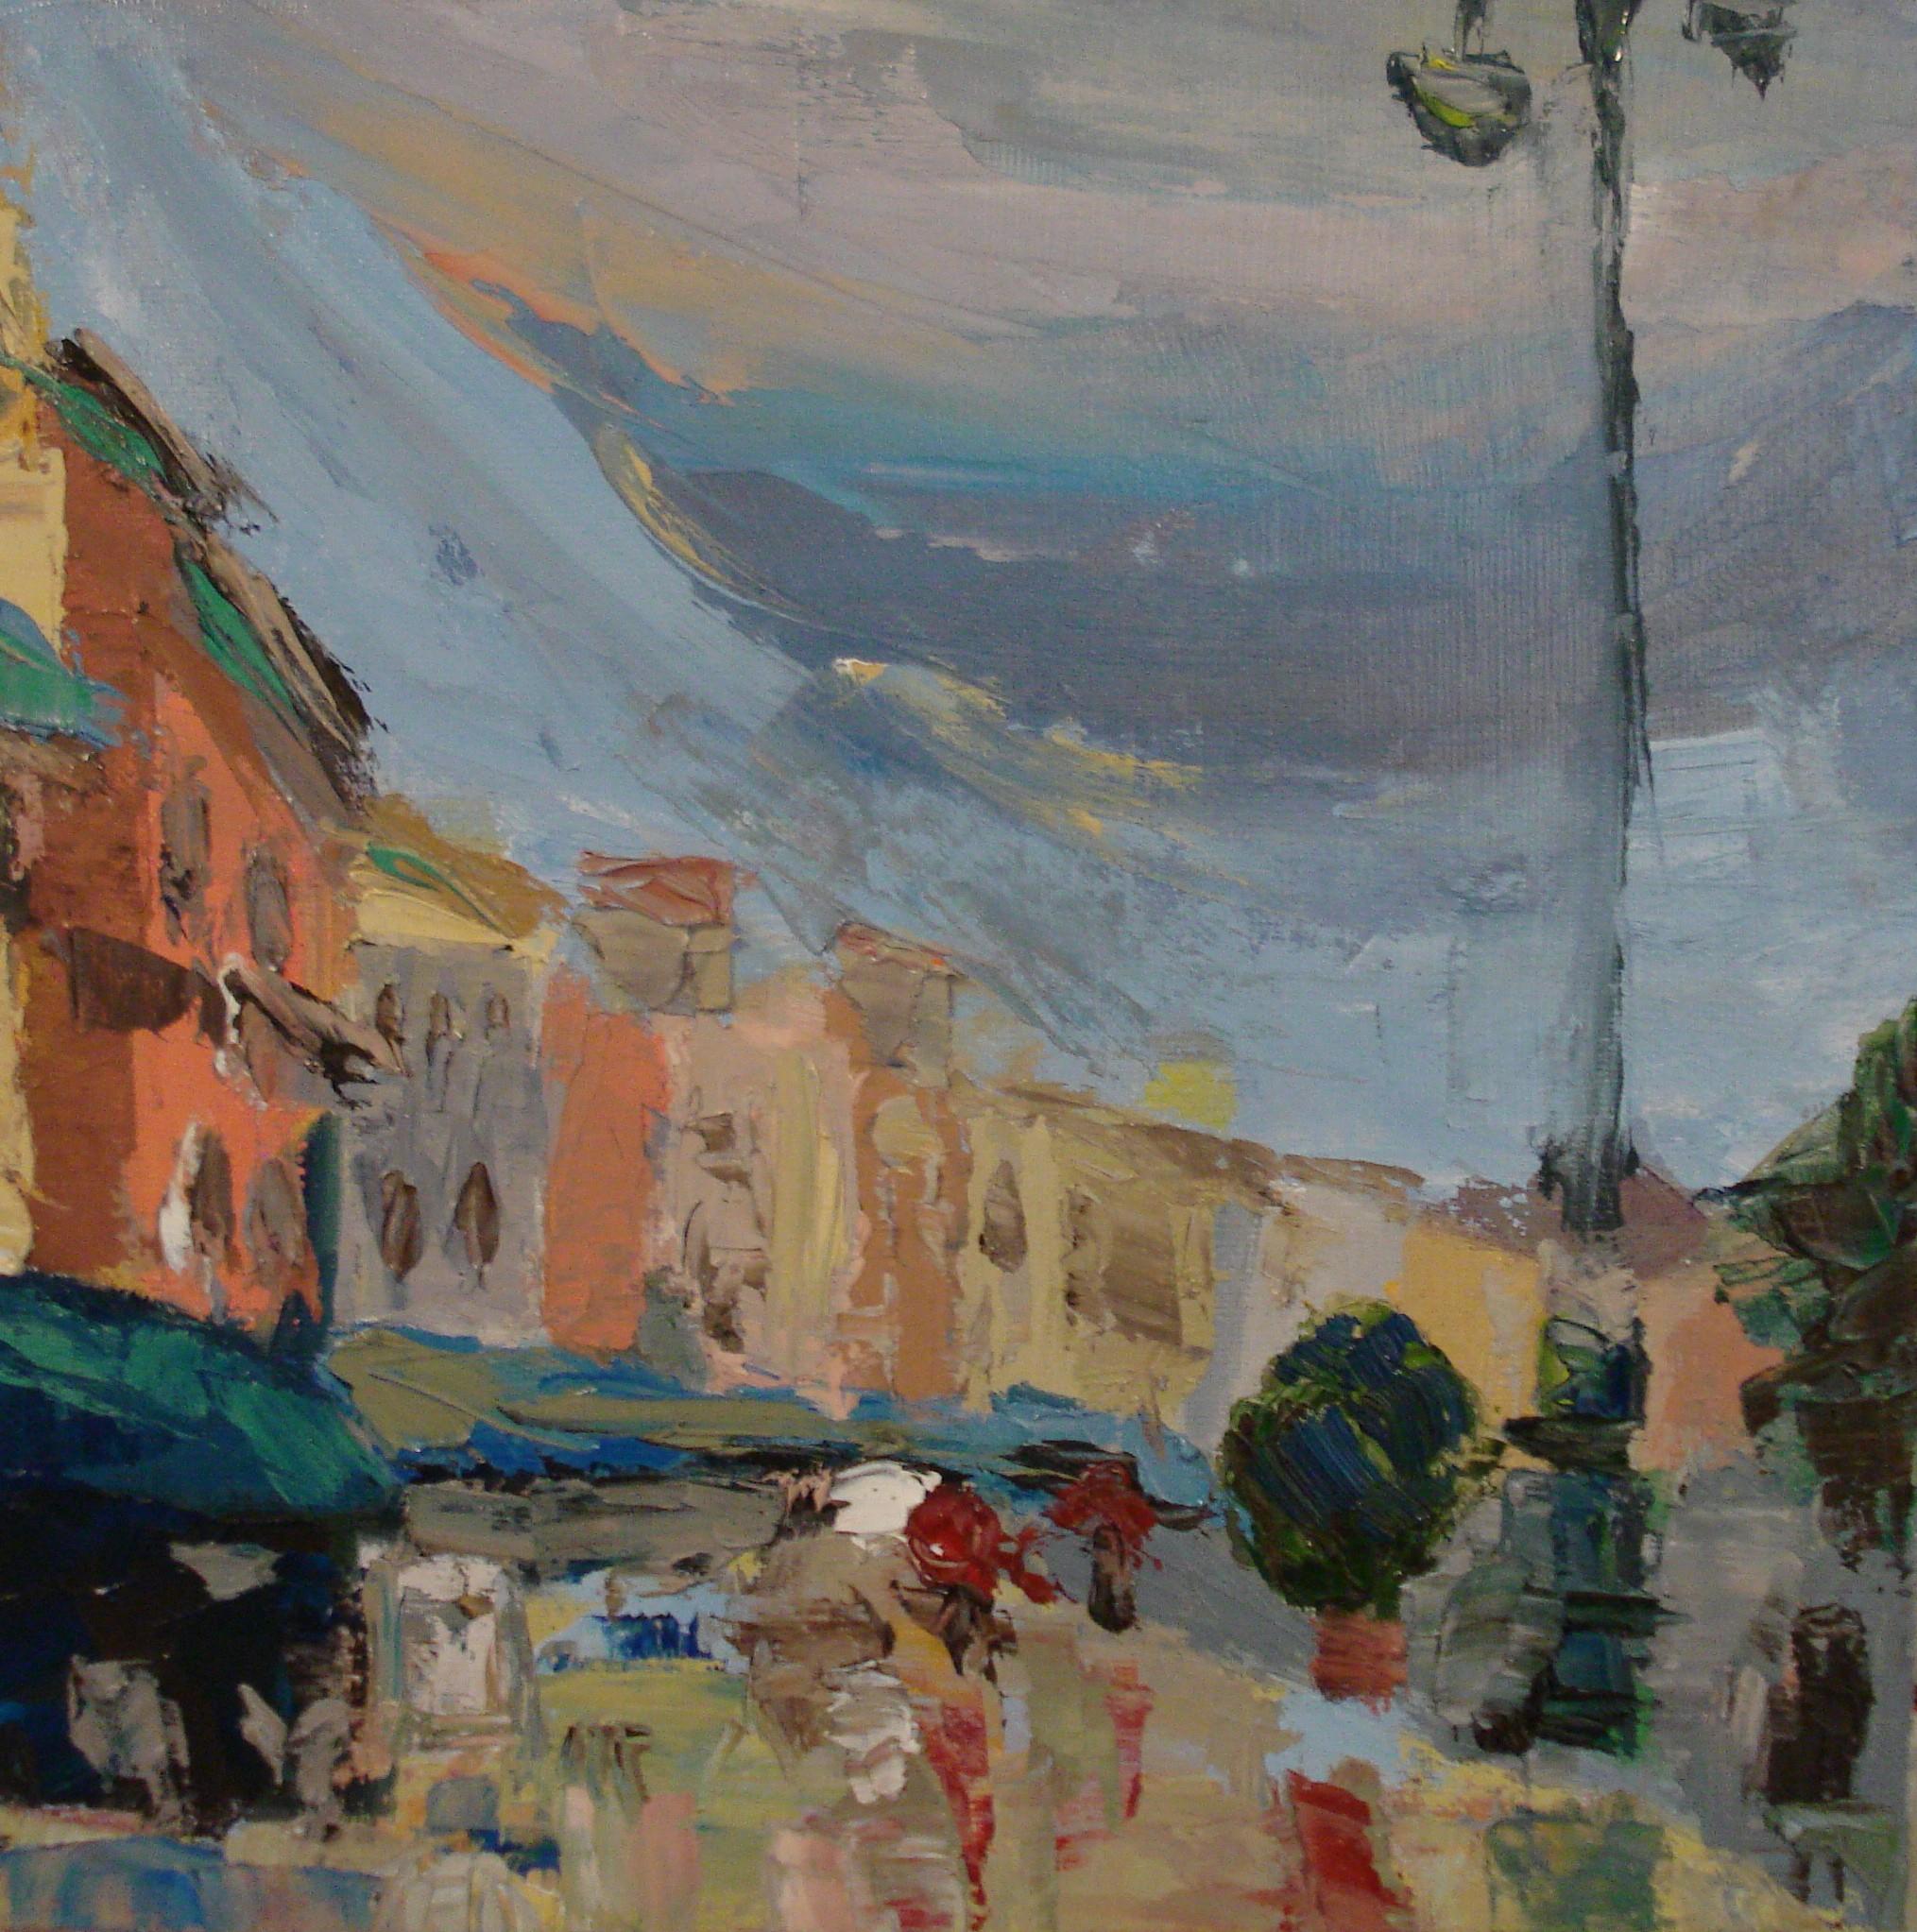 Rainy day in Verona